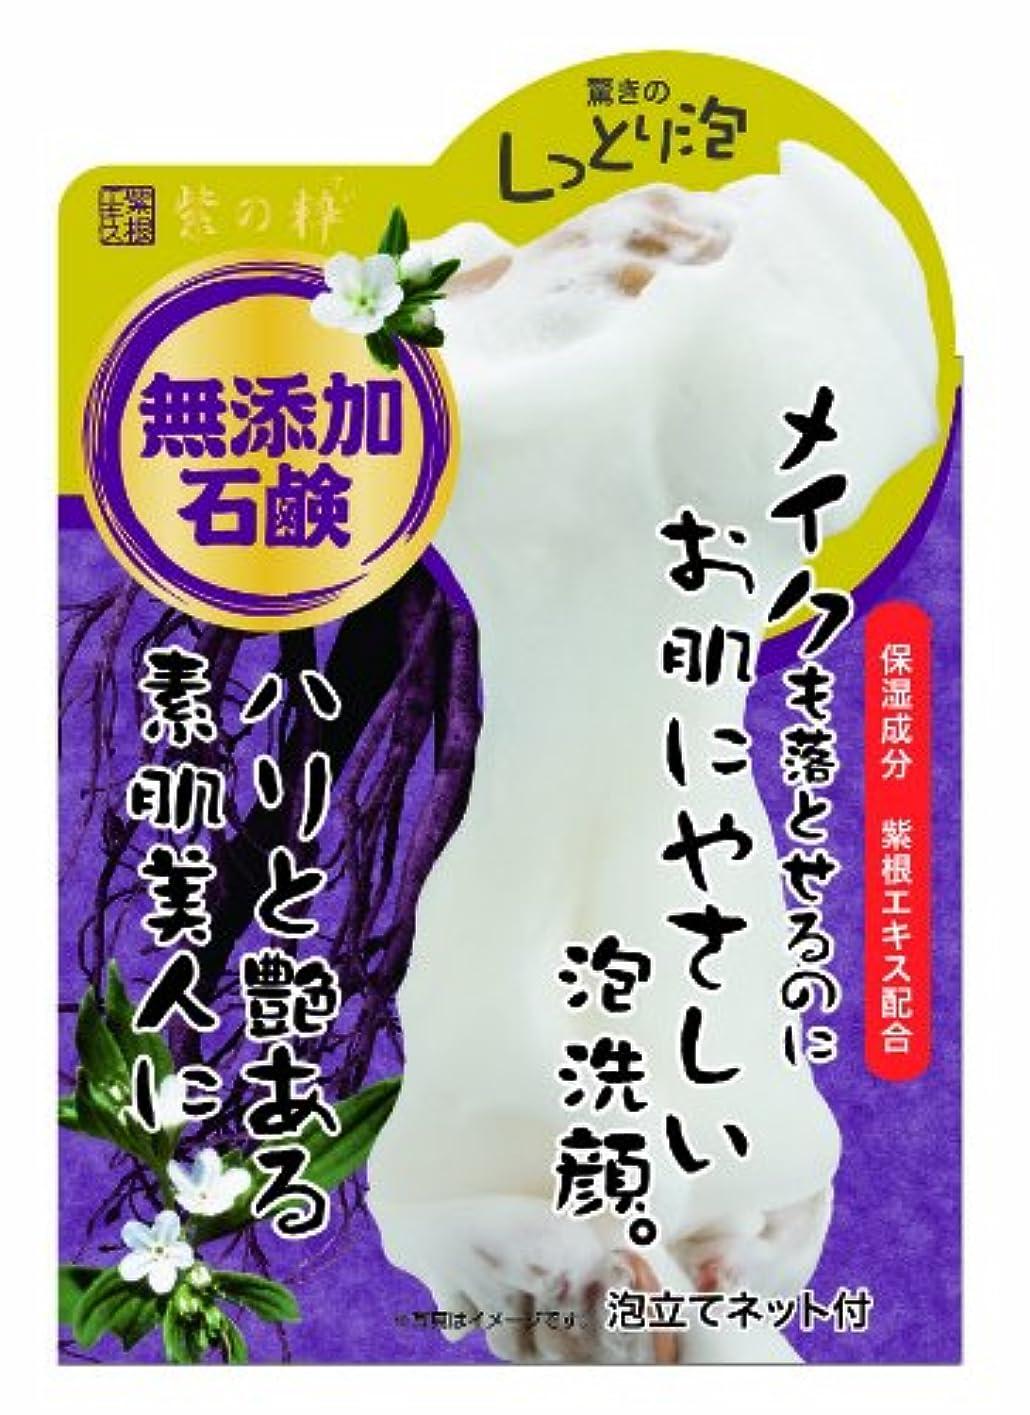 昨日ギャザー振動する紫の粋 メイクも落とせる洗顔石鹸N 100g